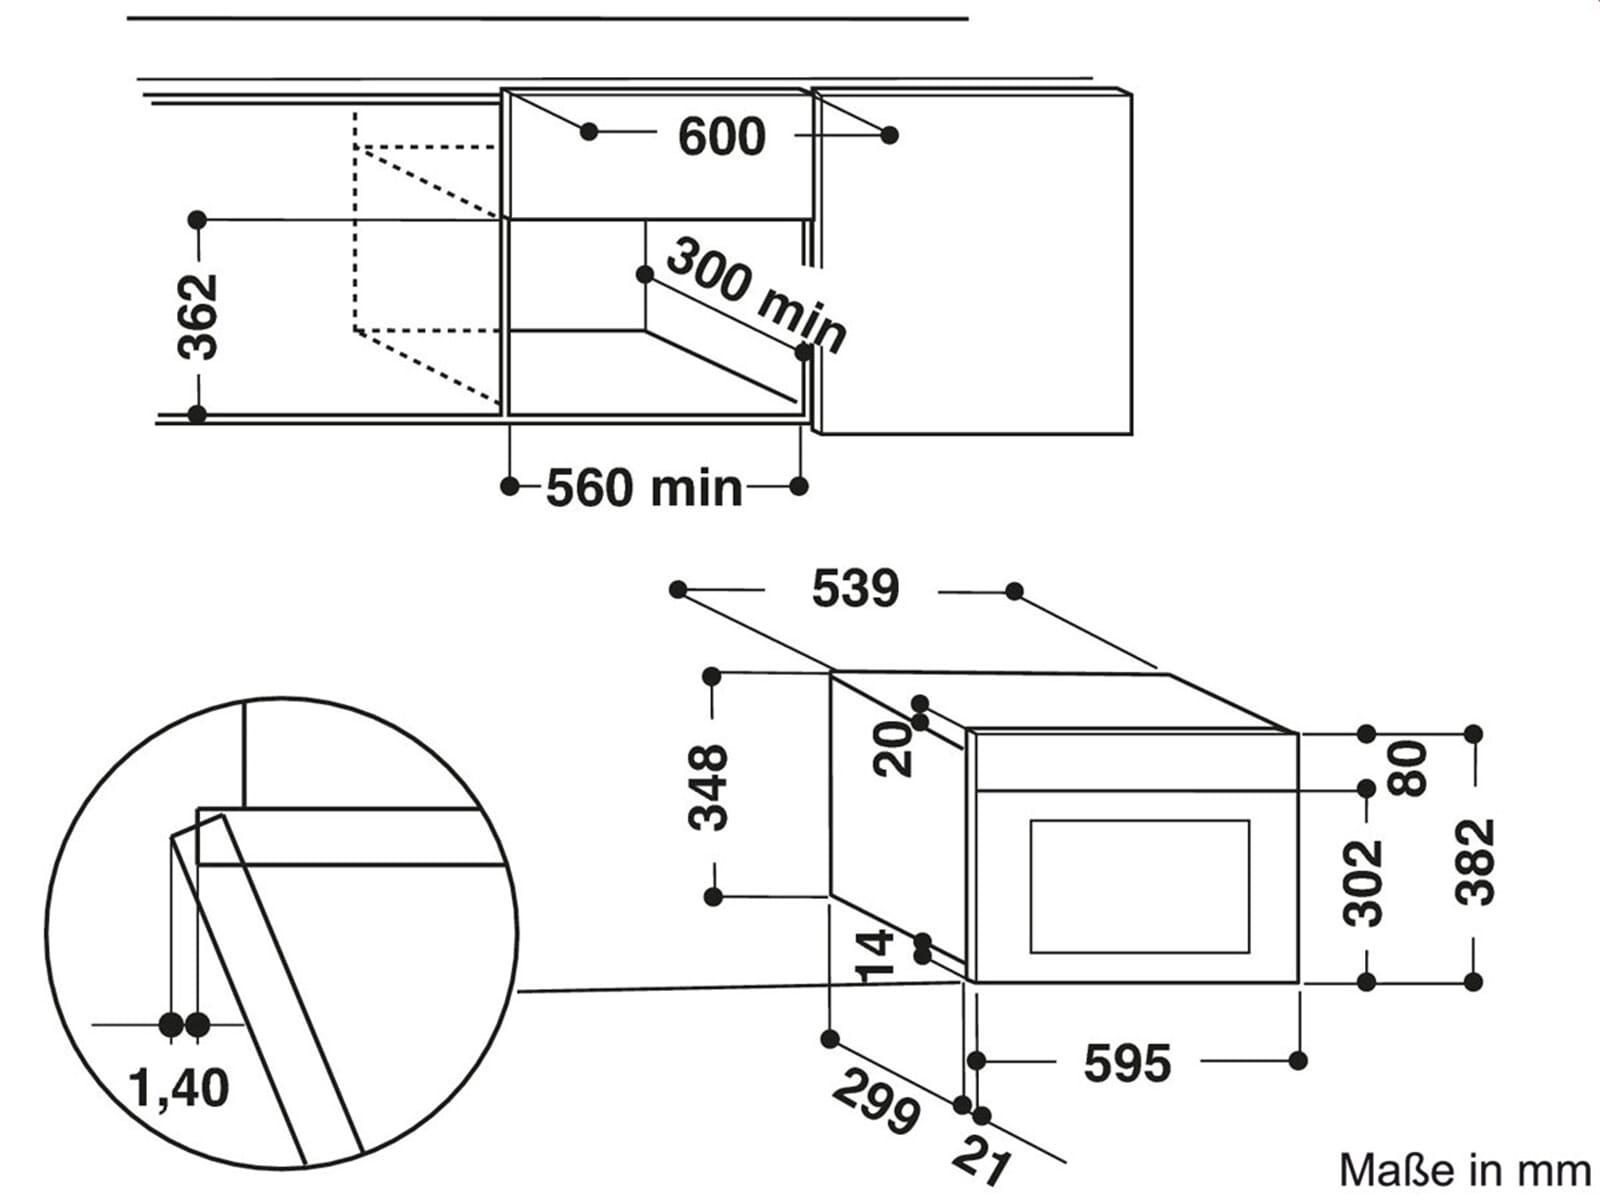 Whirlpool amw439 ix einbau mikrowelle edelstahl 38 cm - Whirlpool einbau ...